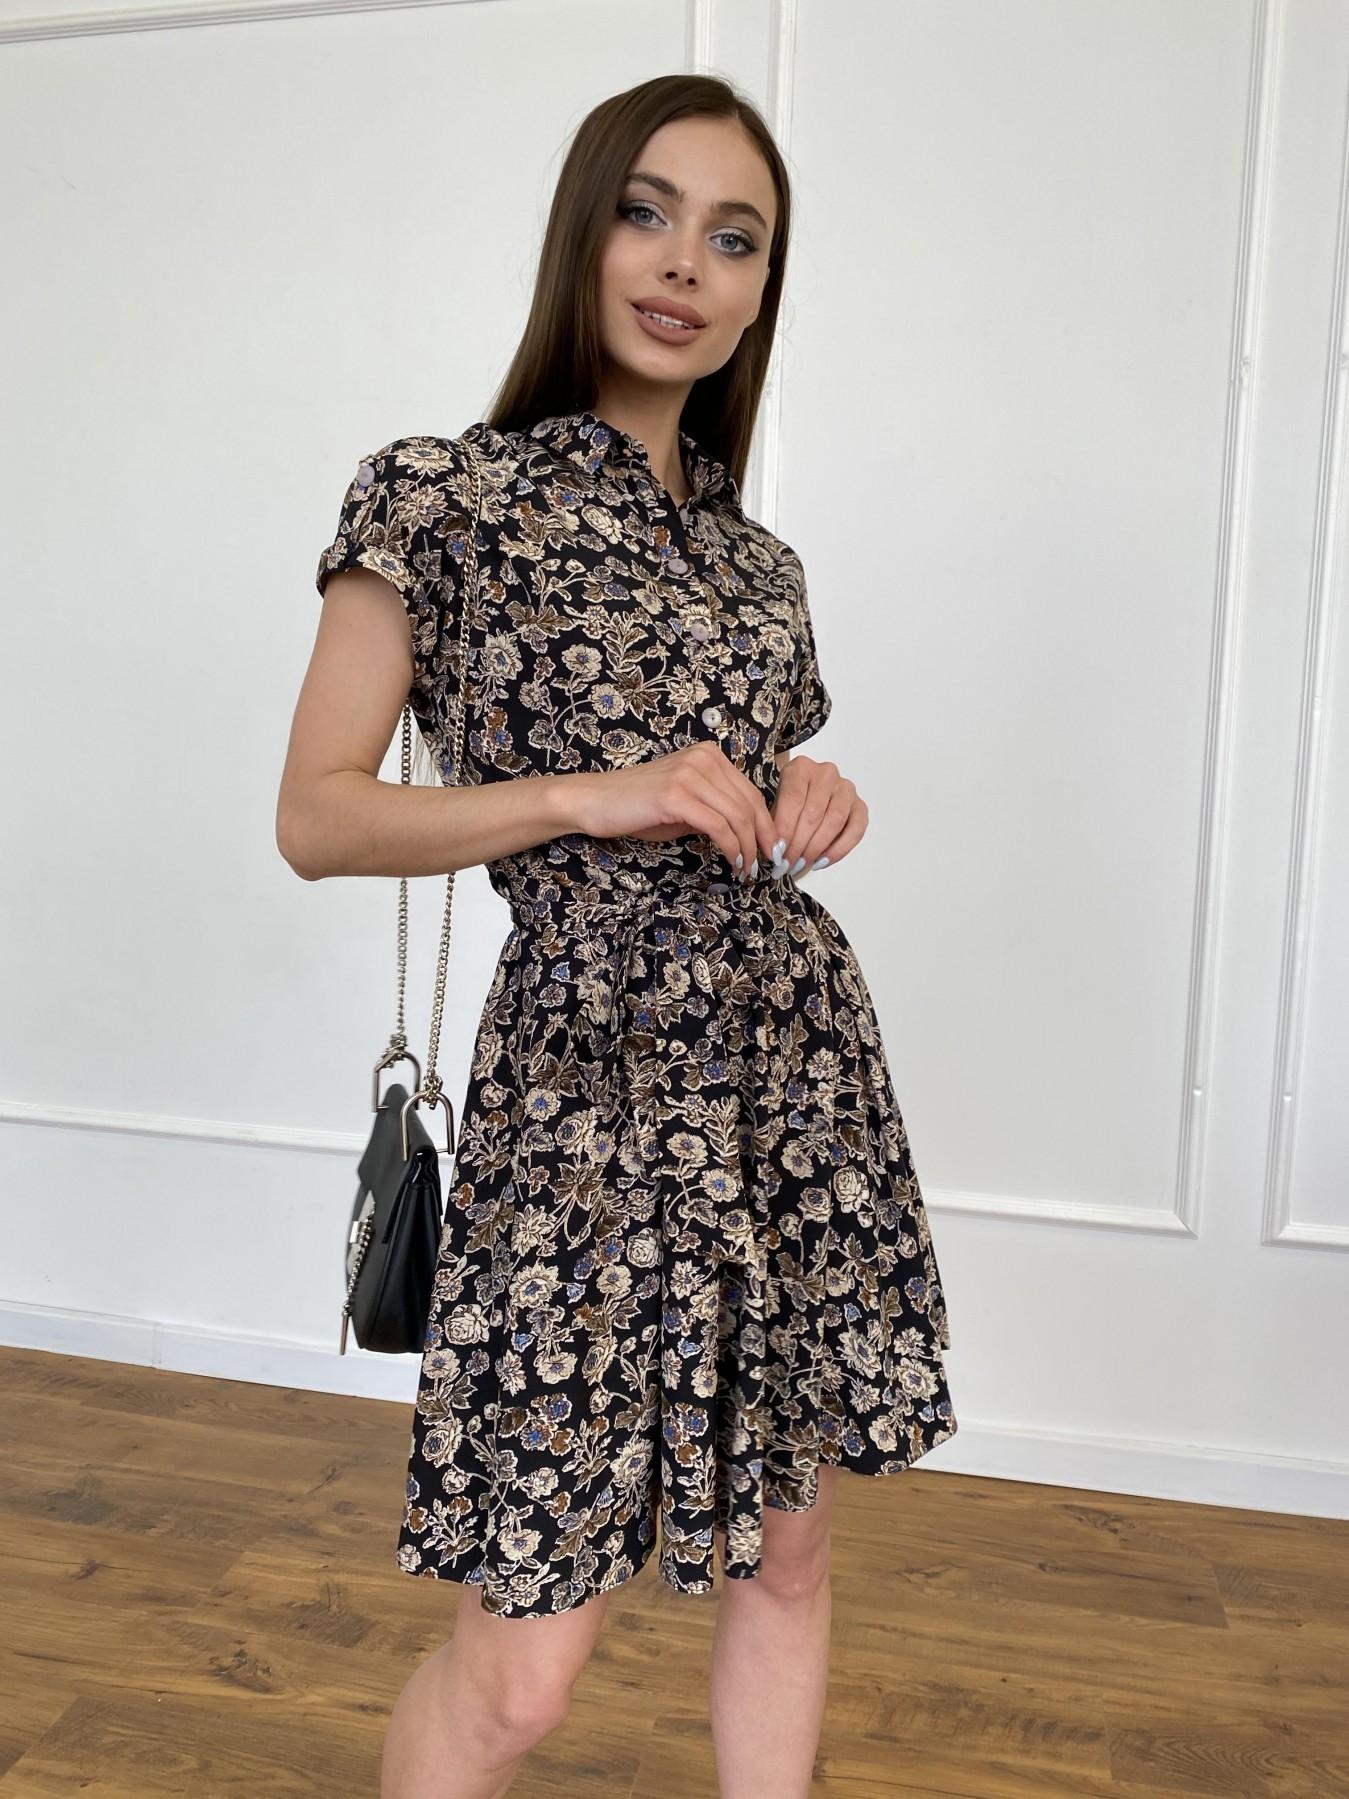 Санжар платье из ткани софт в принт 11215 АРТ. 47726 Цвет: Черный/т. беж, Цветы - фото 2, интернет магазин tm-modus.ru